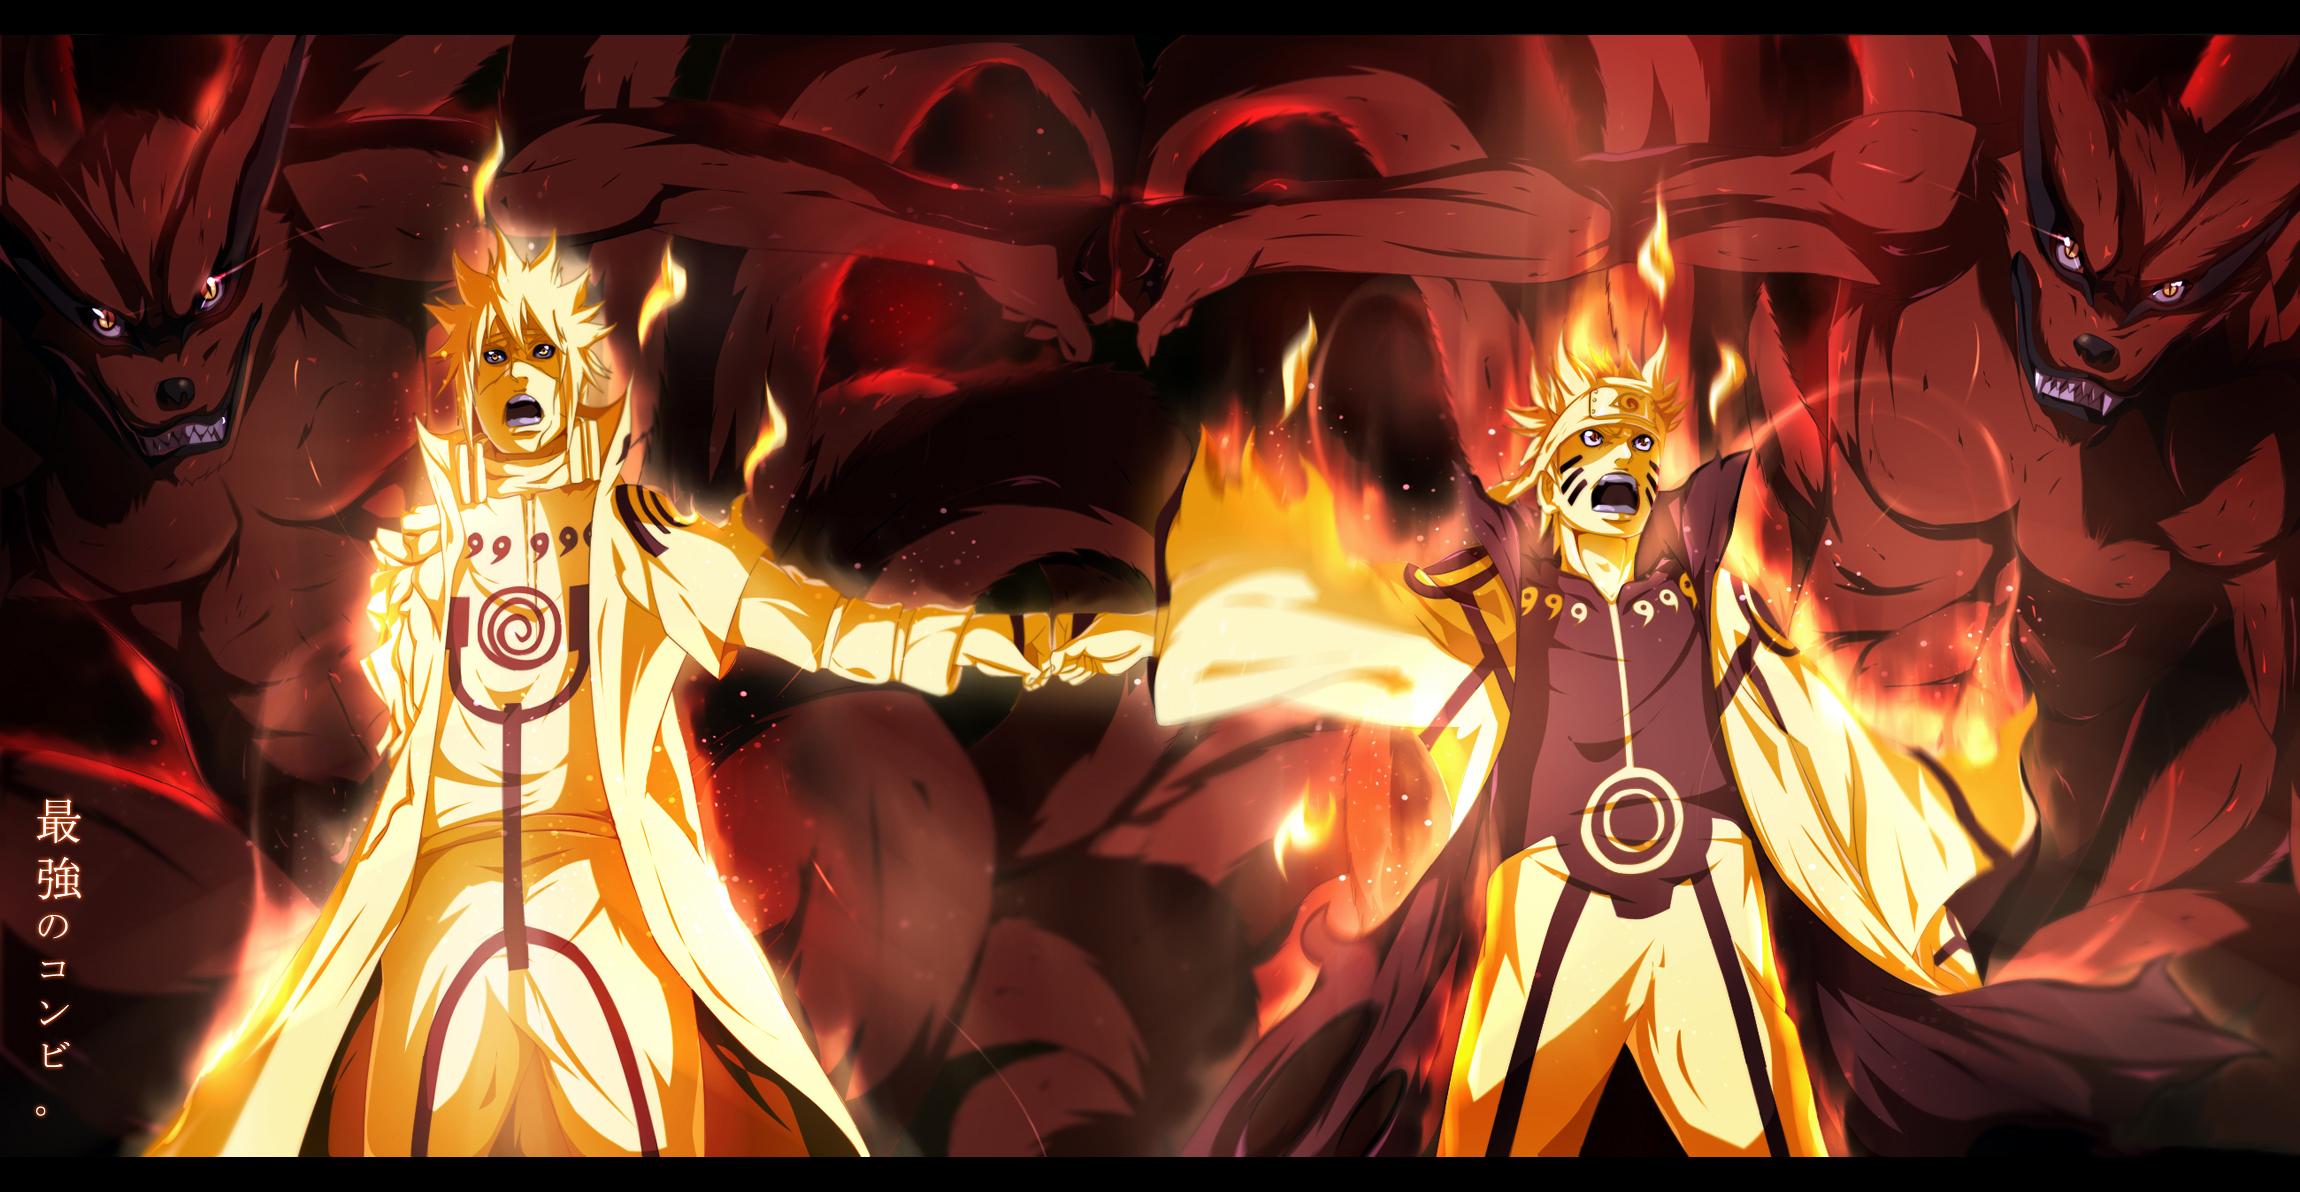 Naruto Hd Wallpaper 1600x900 Anime Naruto Naruto Uzumaki Minato Namikaze Kurama Sfondo